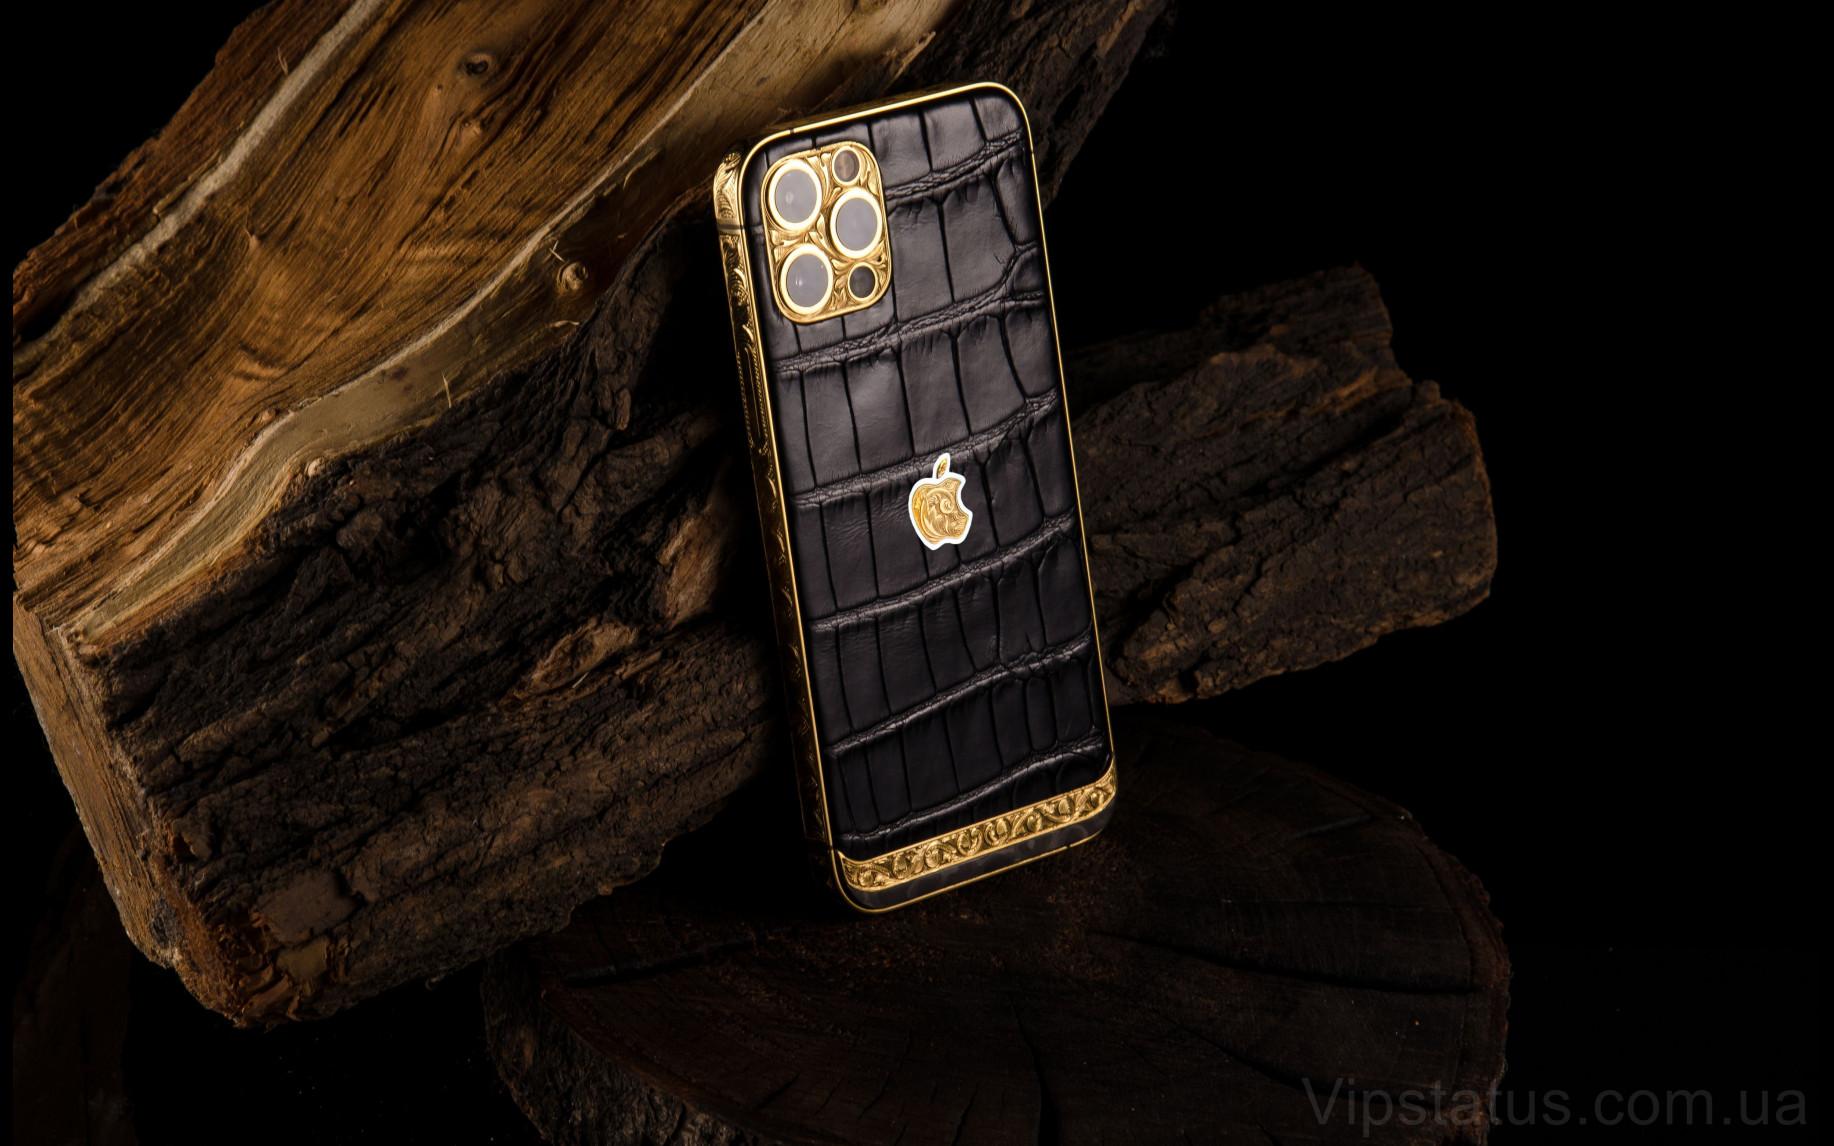 Elite Magic Apple Black IPHONE 12 PRO MAX 512 GB Magic Apple Black IPHONE 12 PRO MAX 512 GB image 7